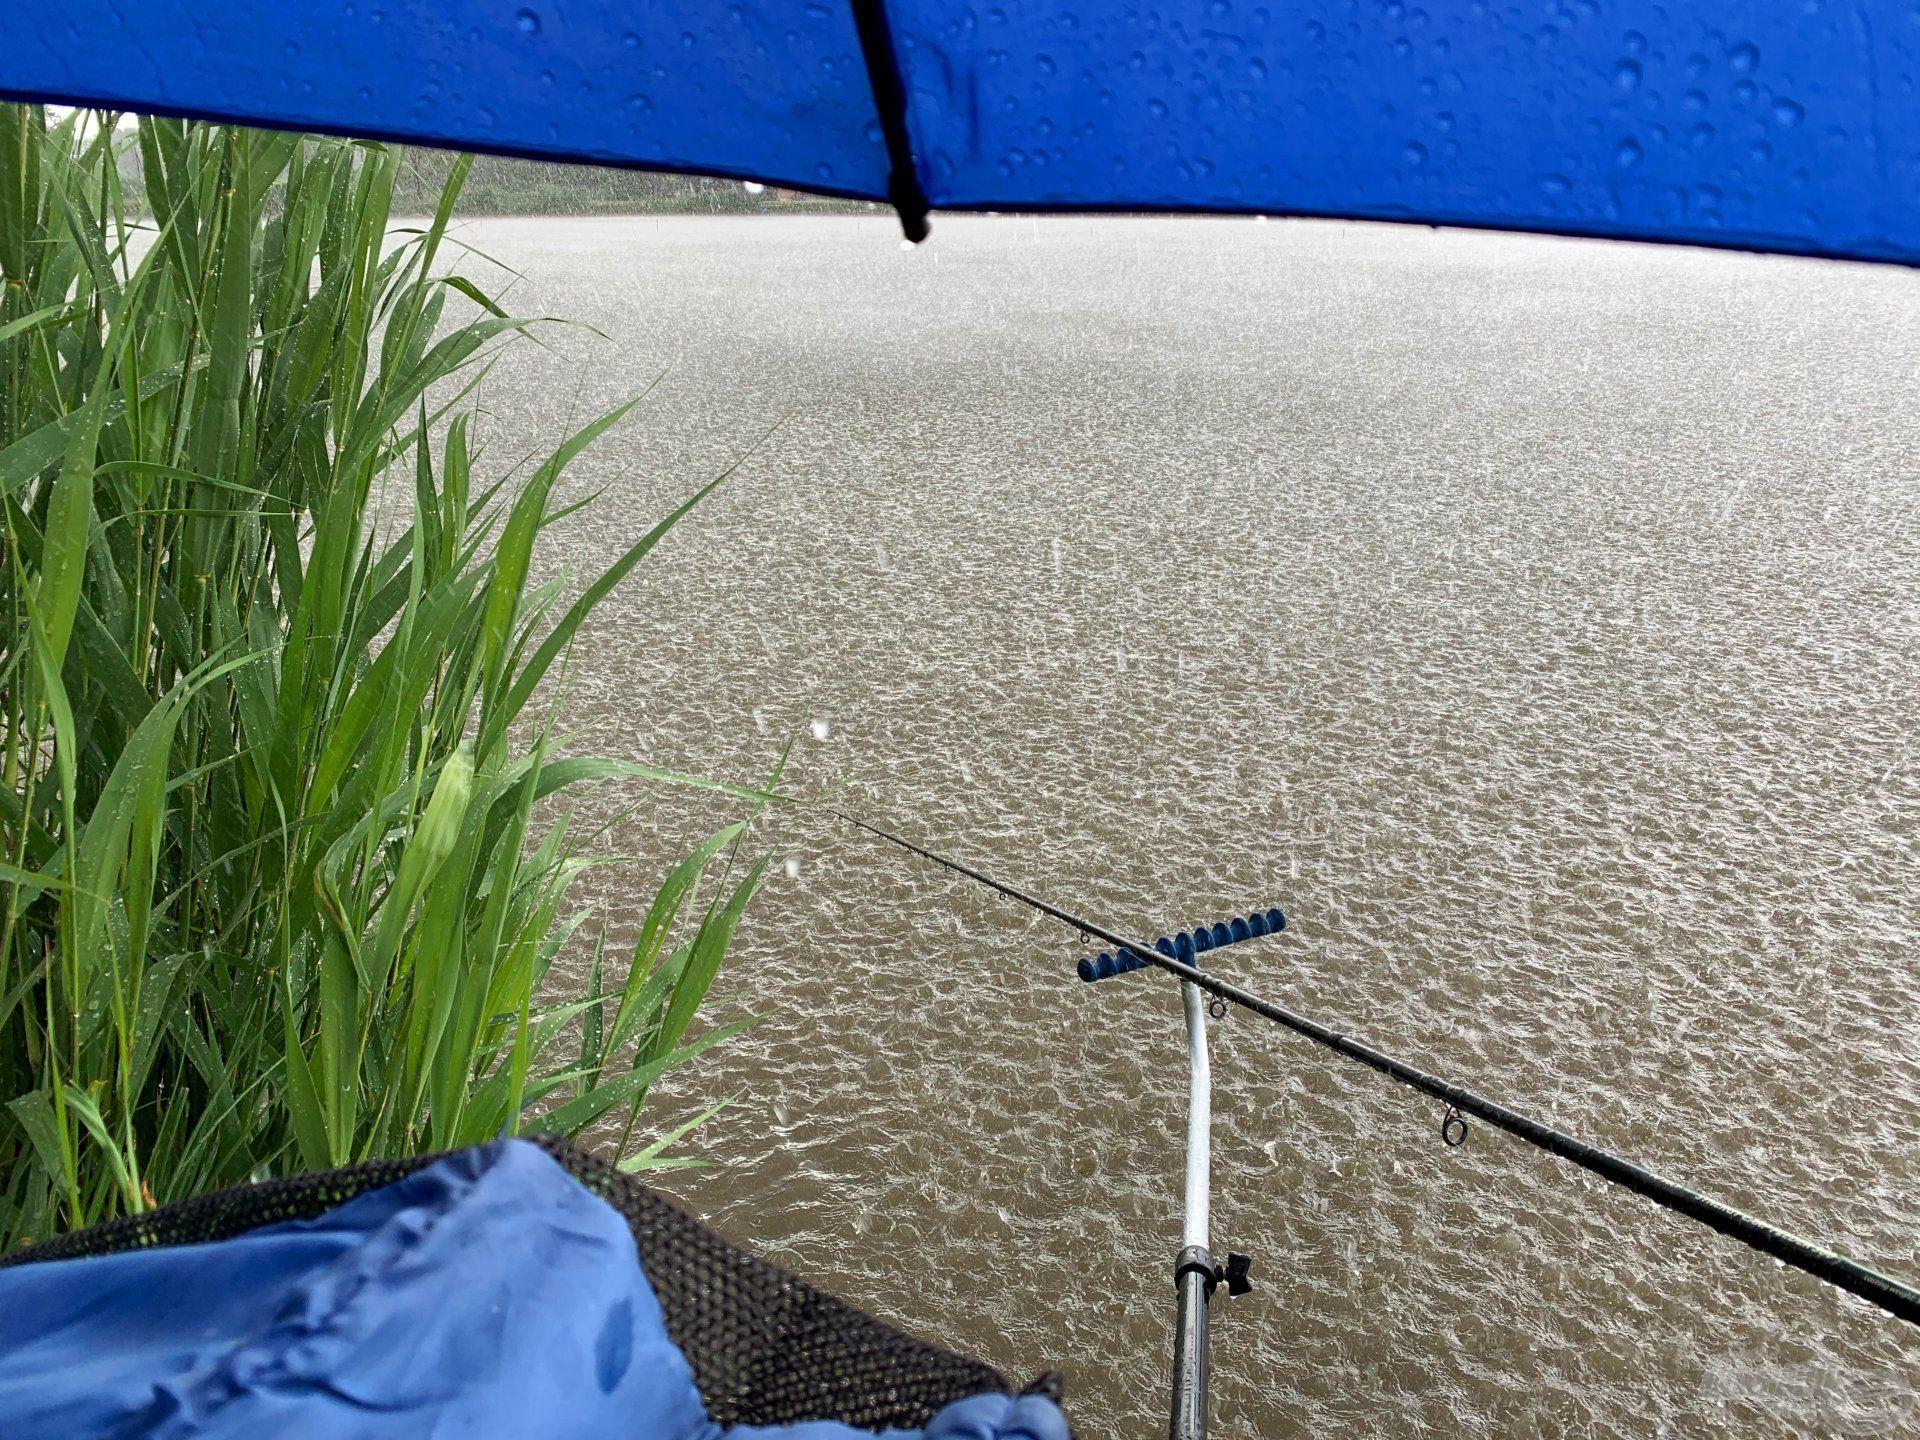 Az ernyőnek köszönhetően folytathattam a horgászatot